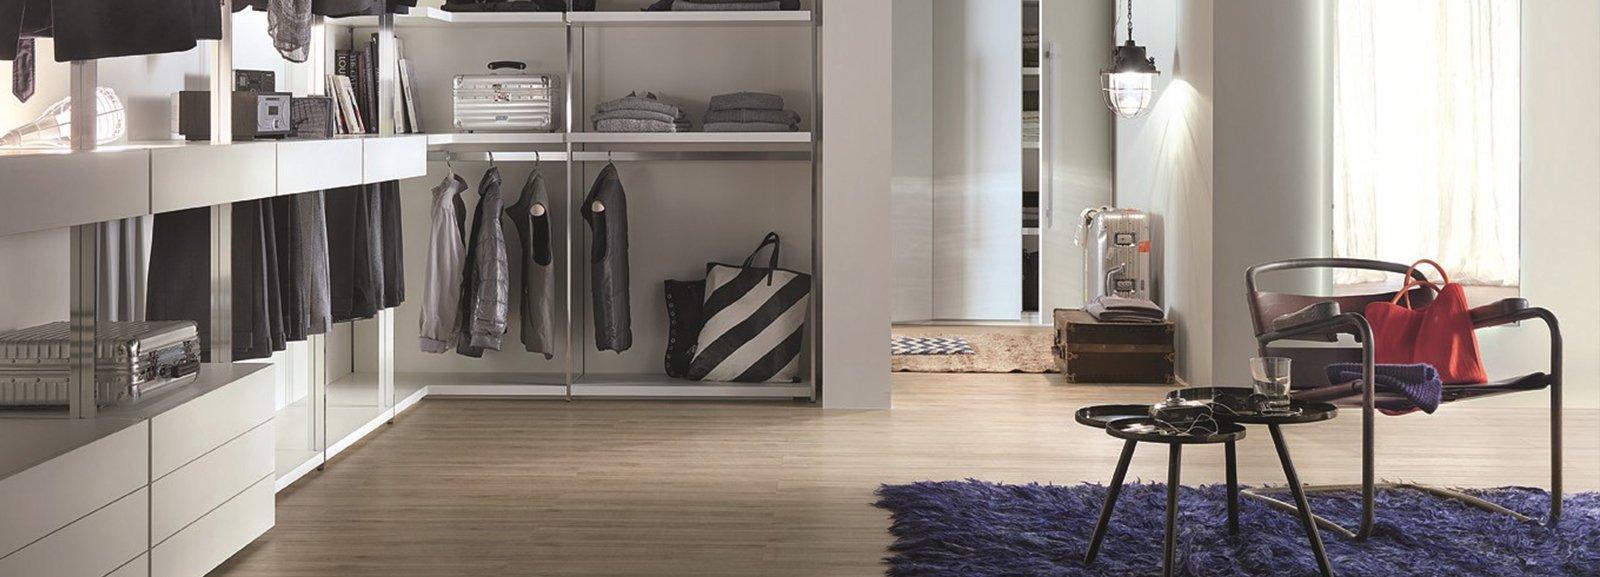 Cabine armadio progettiamo insieme lo spazio cose di casa - Cabine armadio idee ...